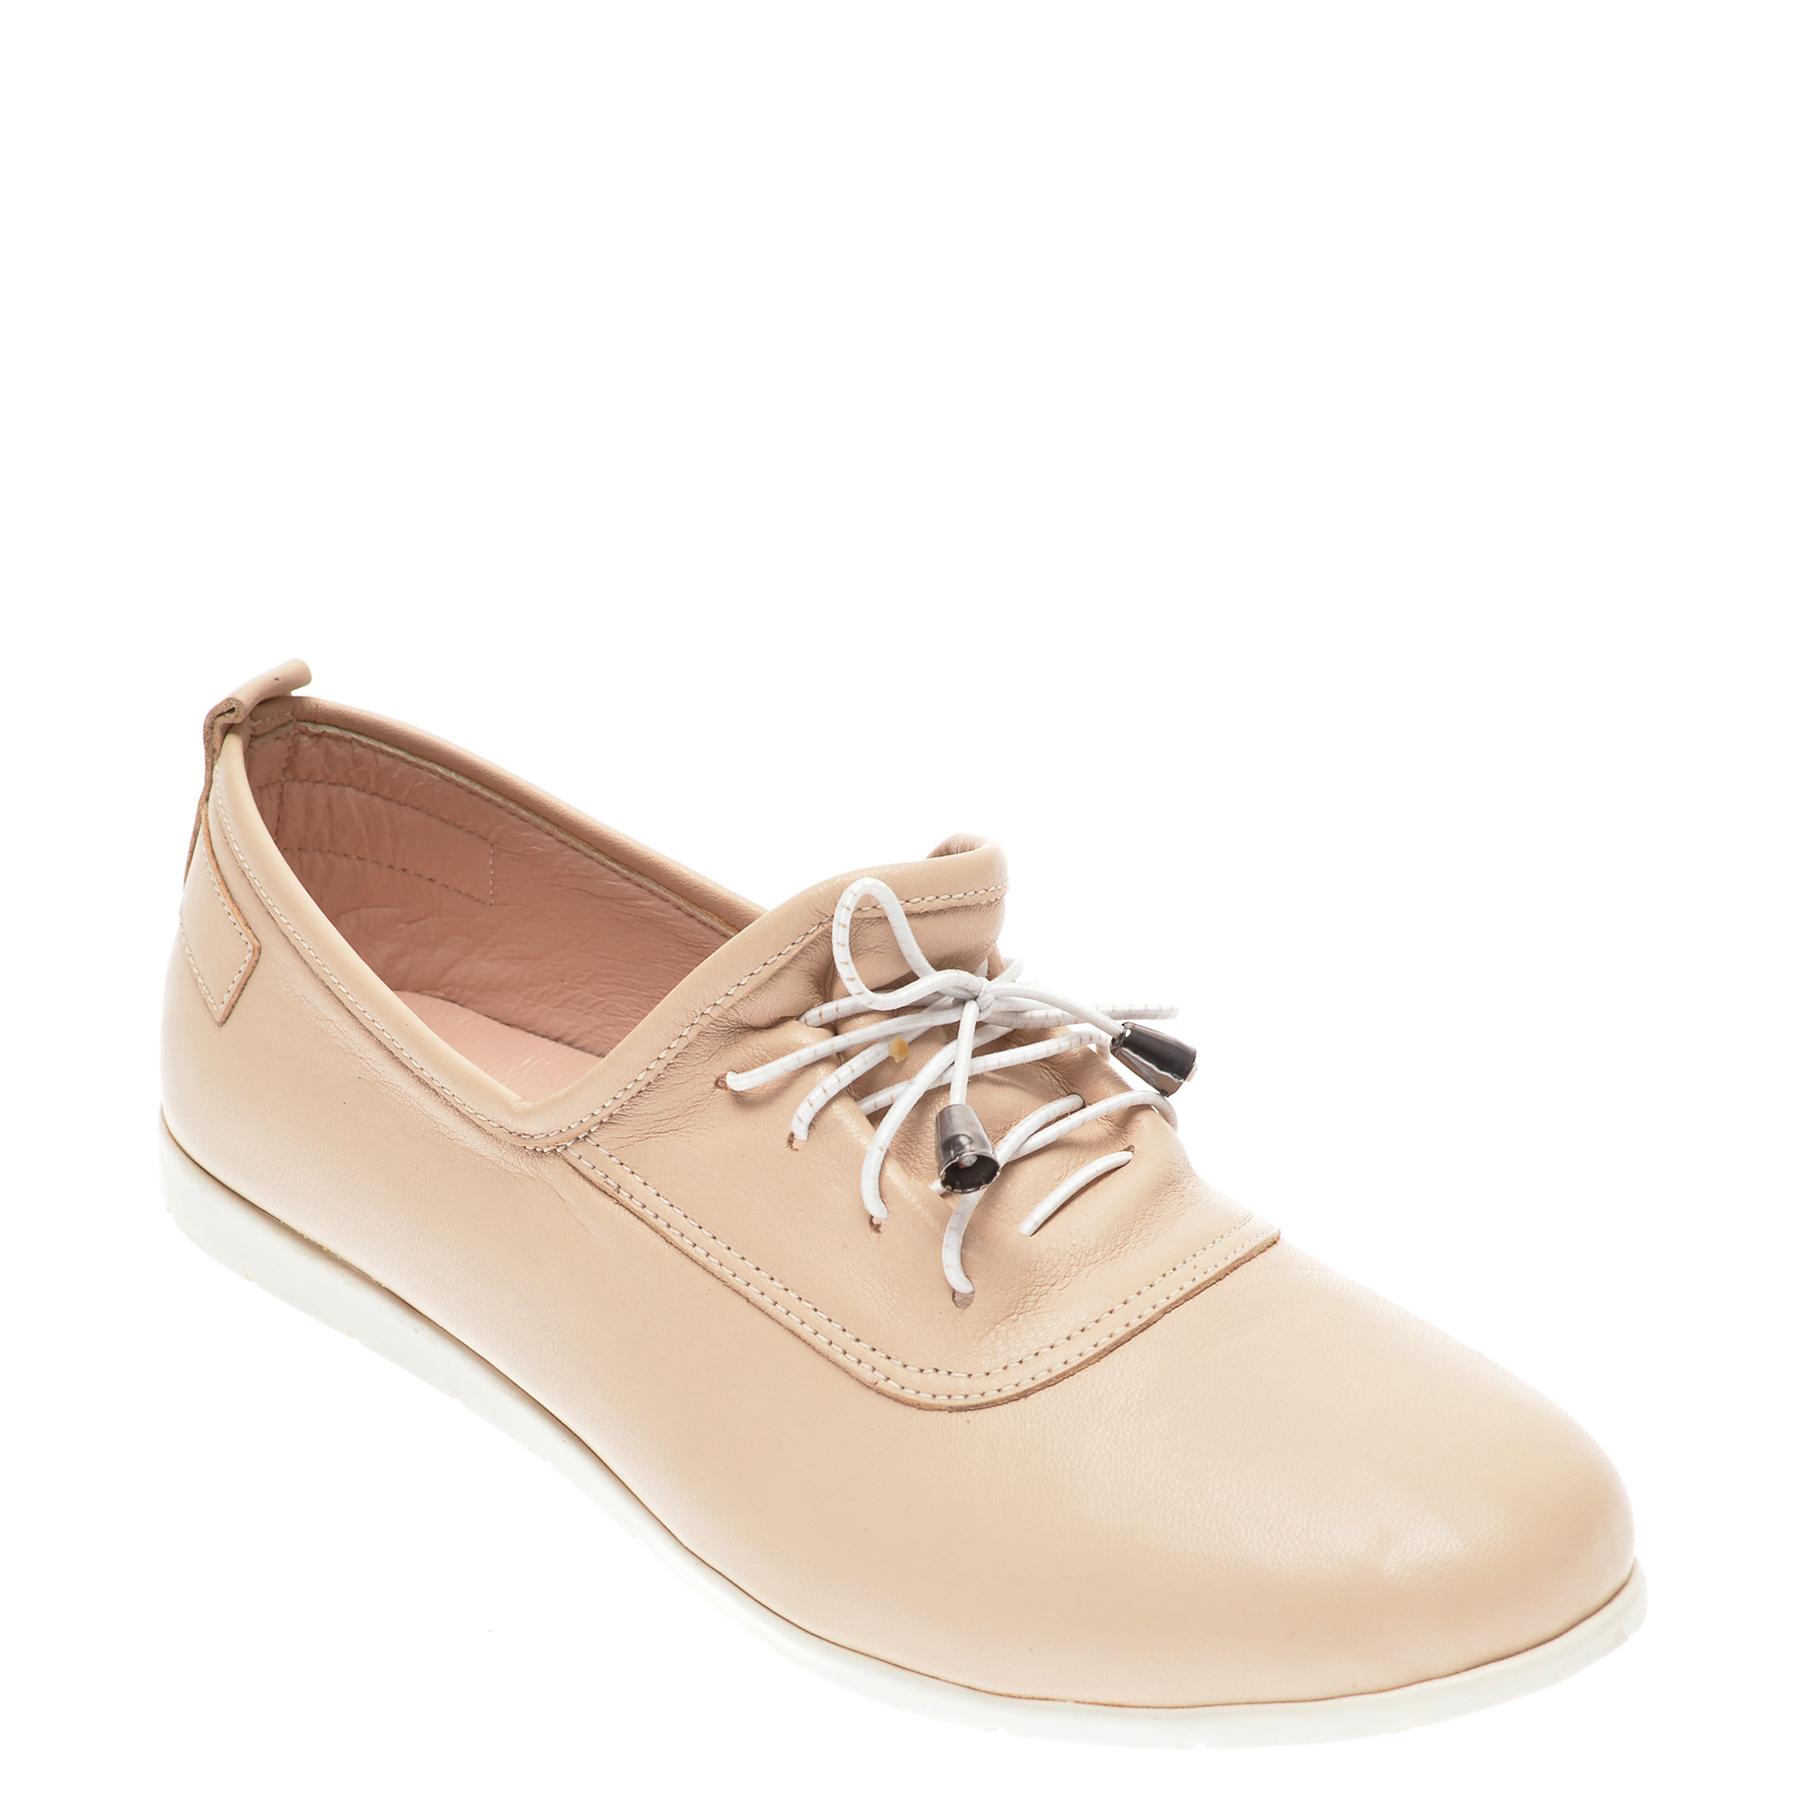 Pantofi ECLIPSE bleumarin, 408, din piele naturala